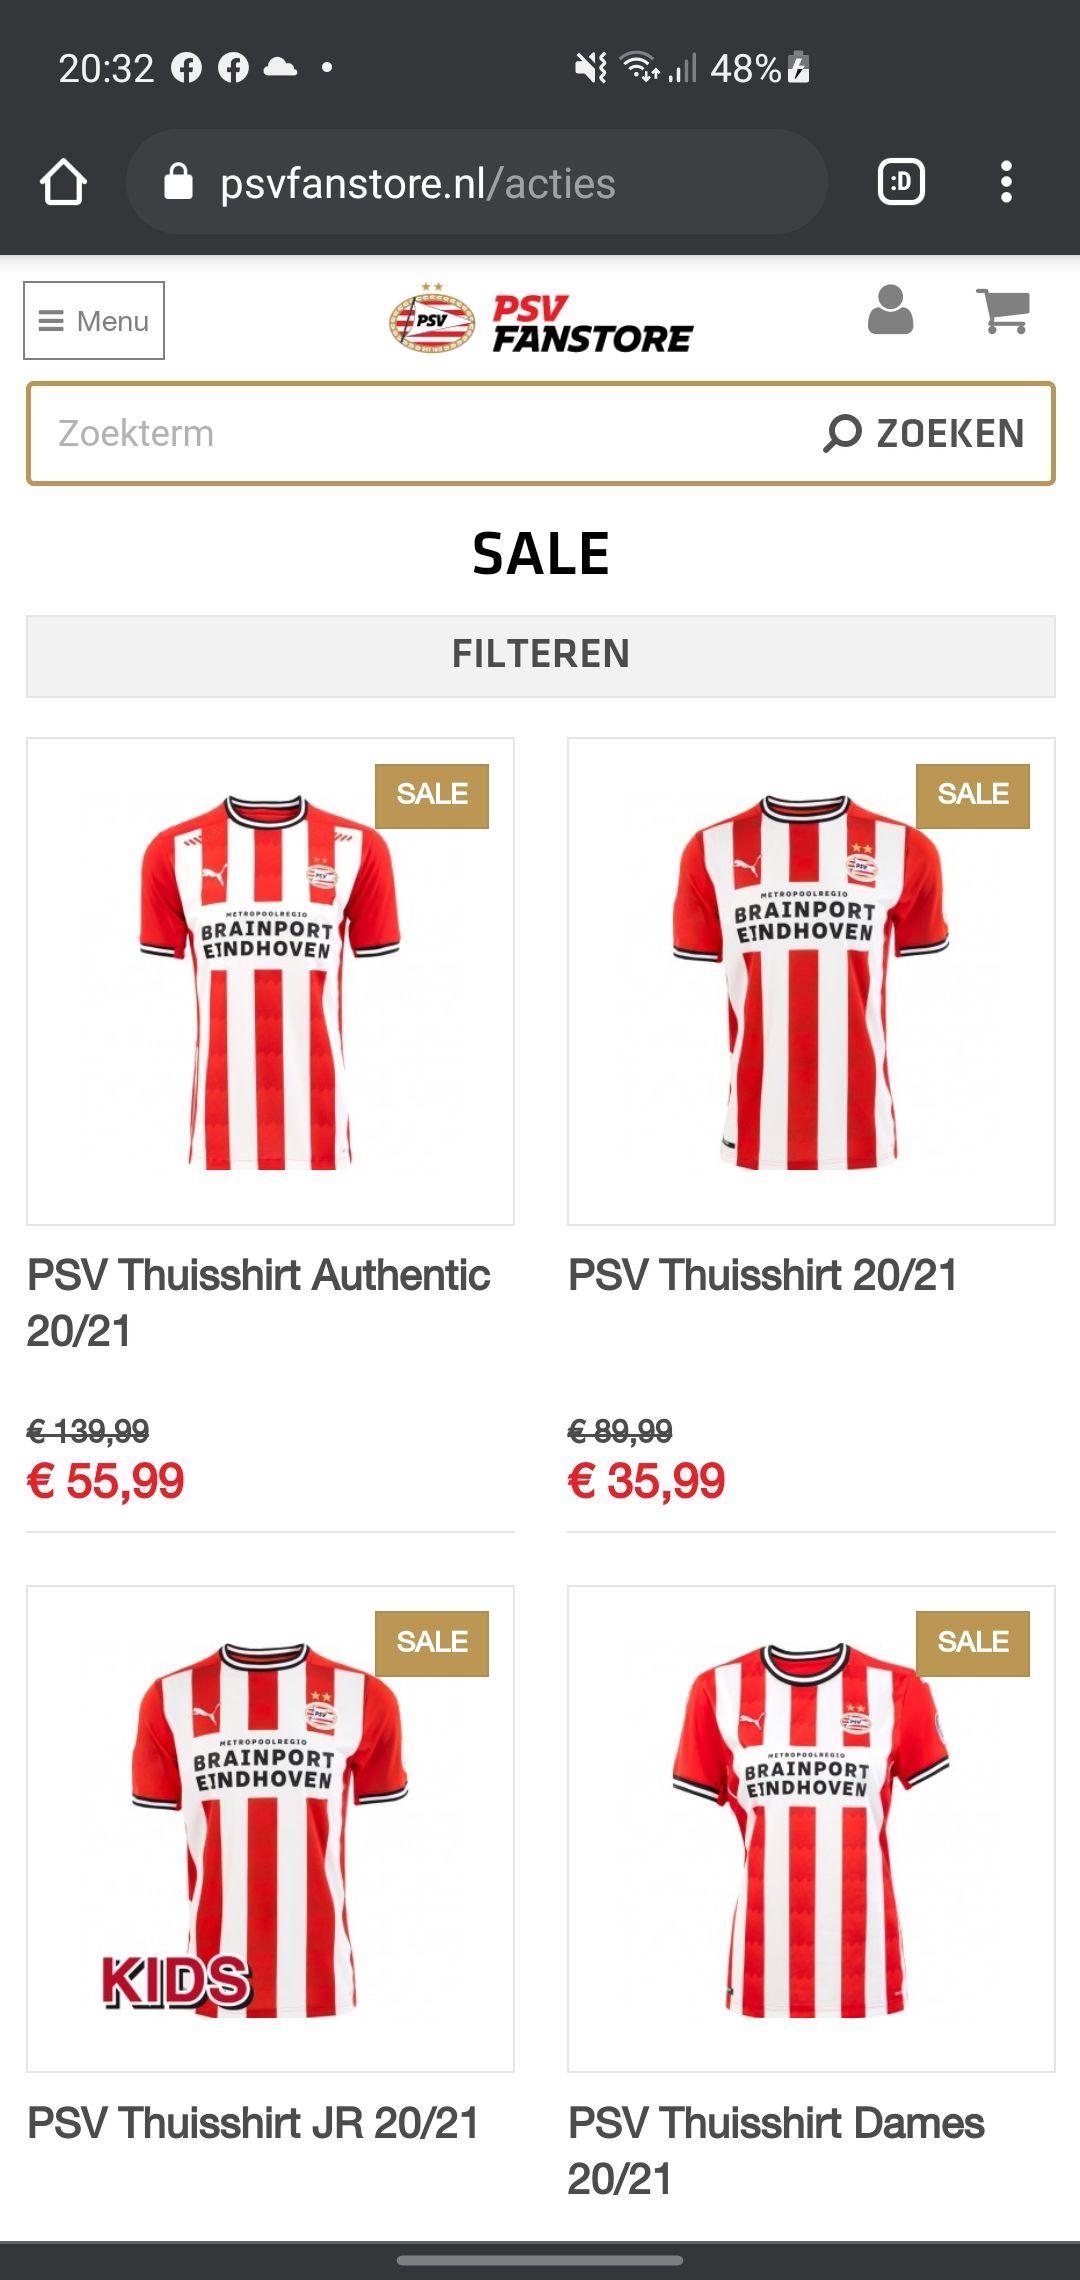 PSV End of season sale